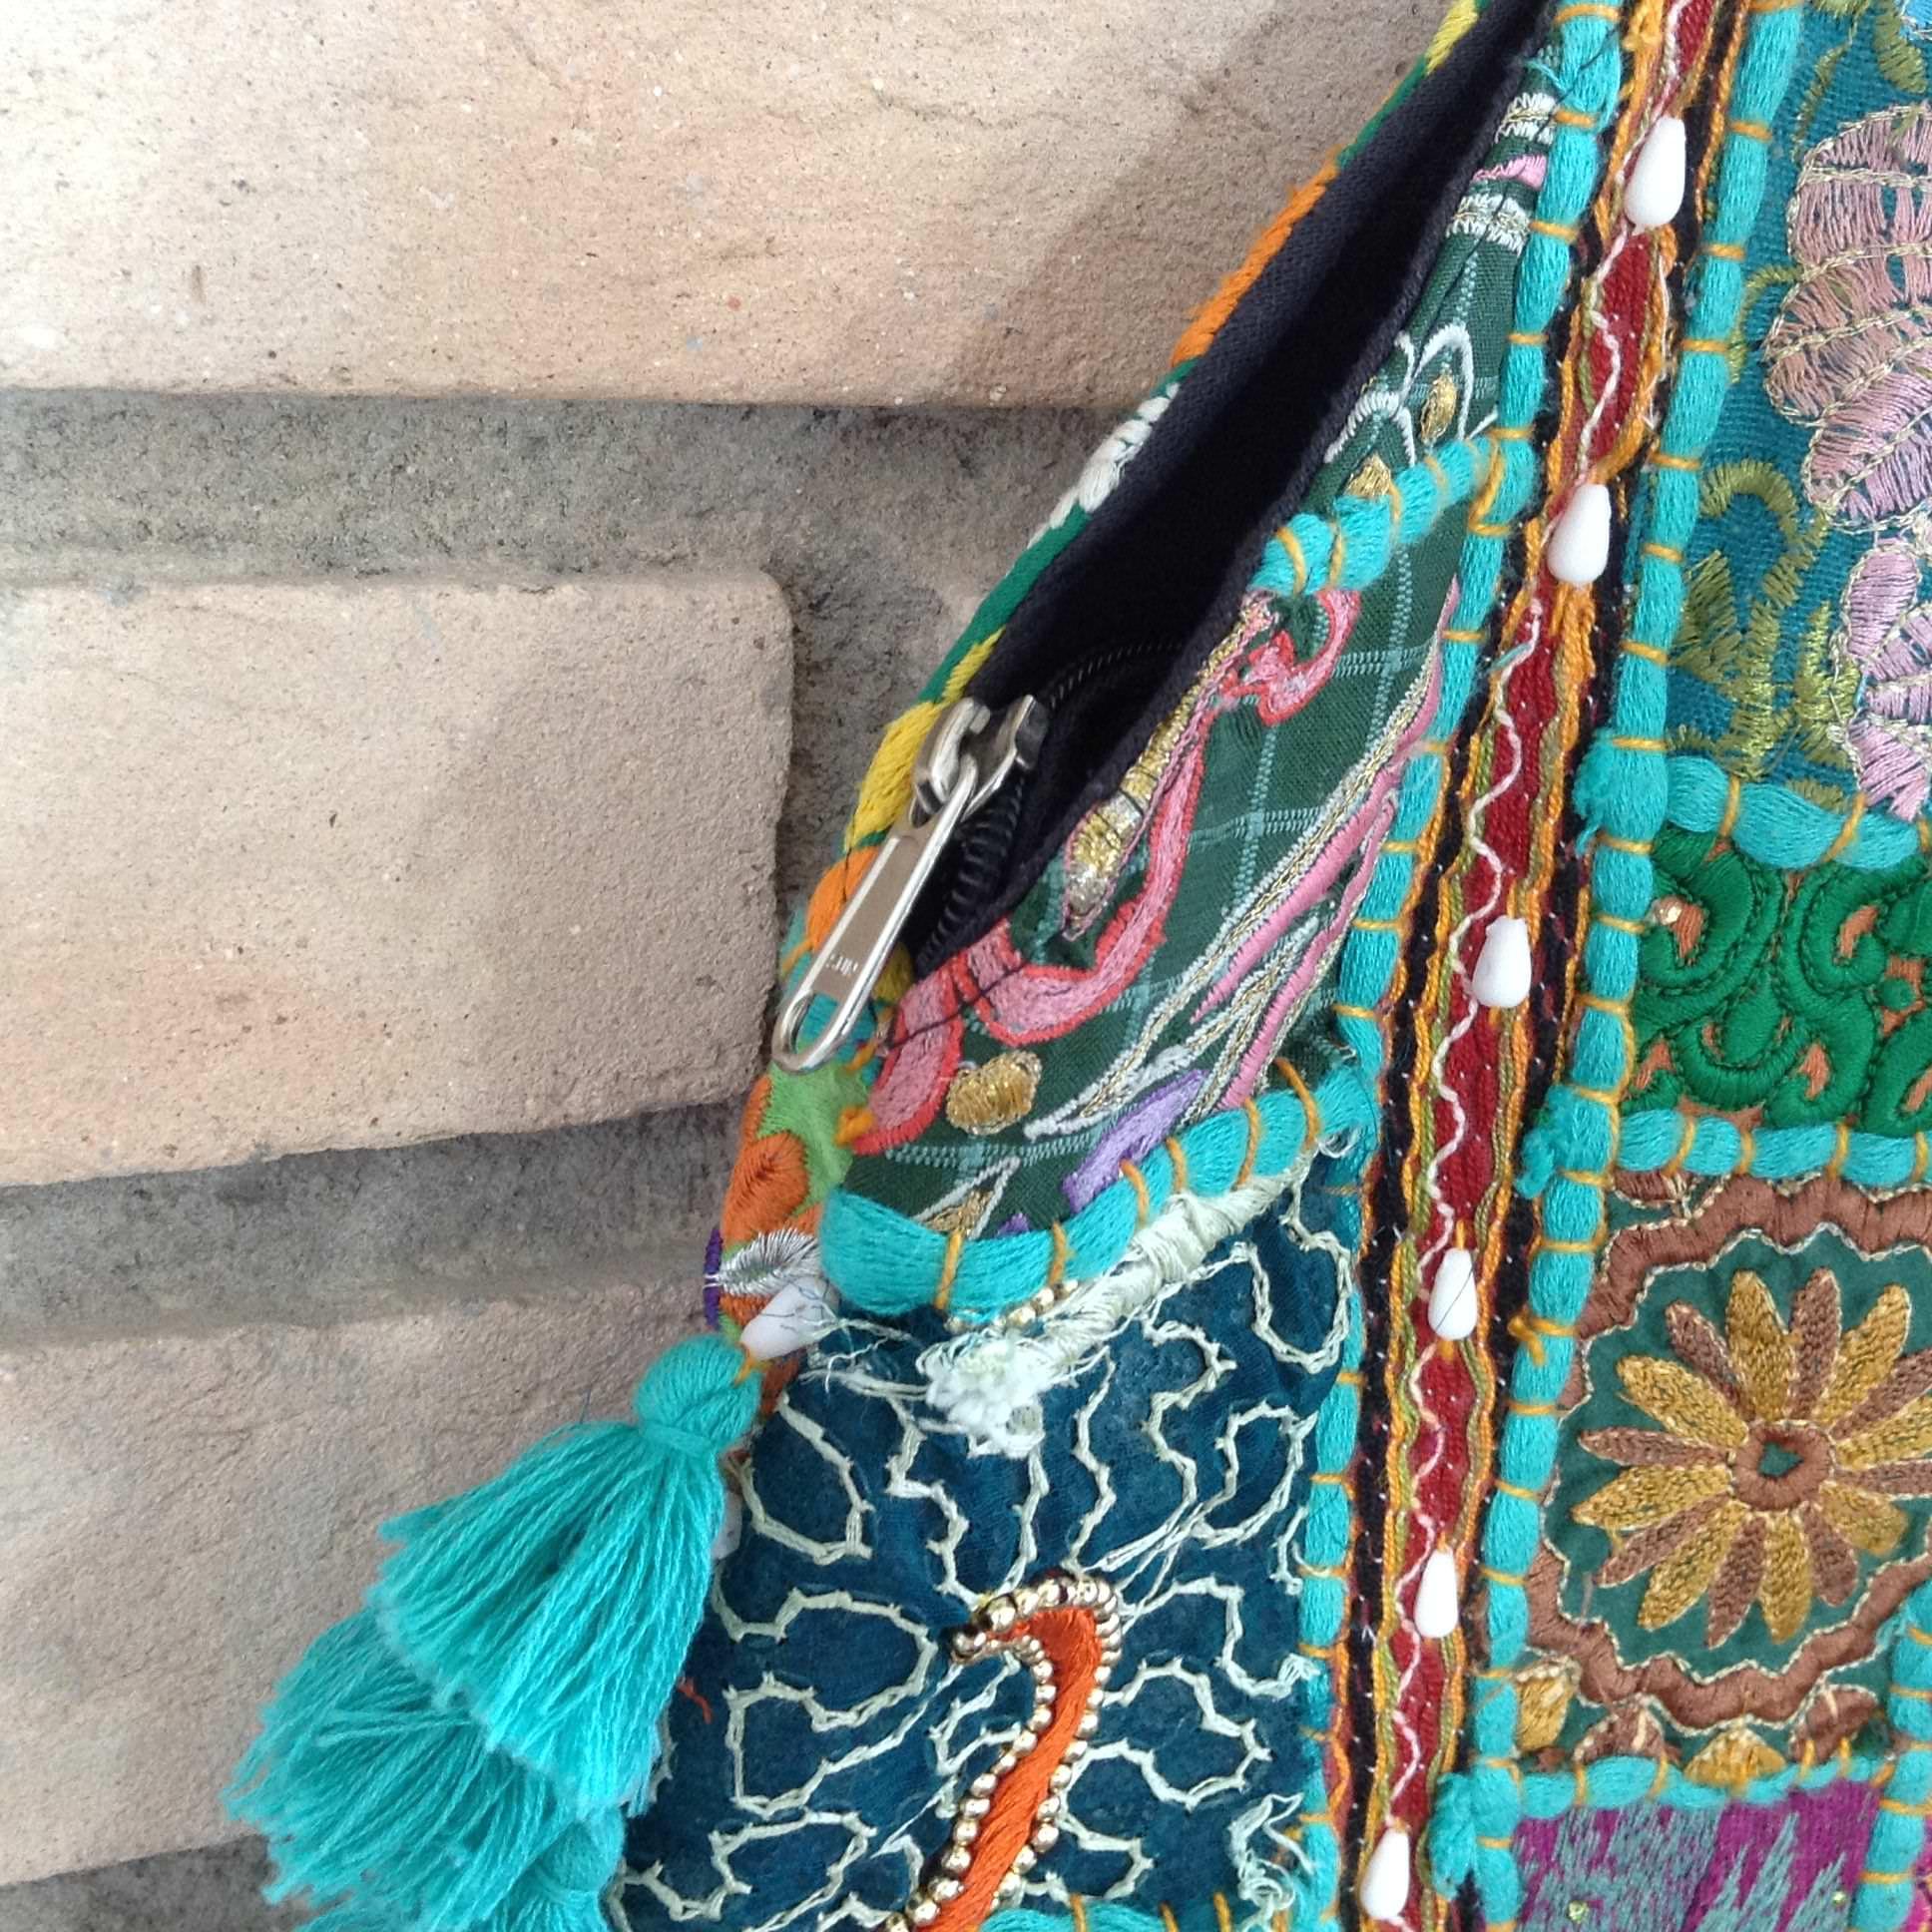 Bolsa De Mao Turquesa : Bolsa indiana de patchwork hindu com pompons turquesa